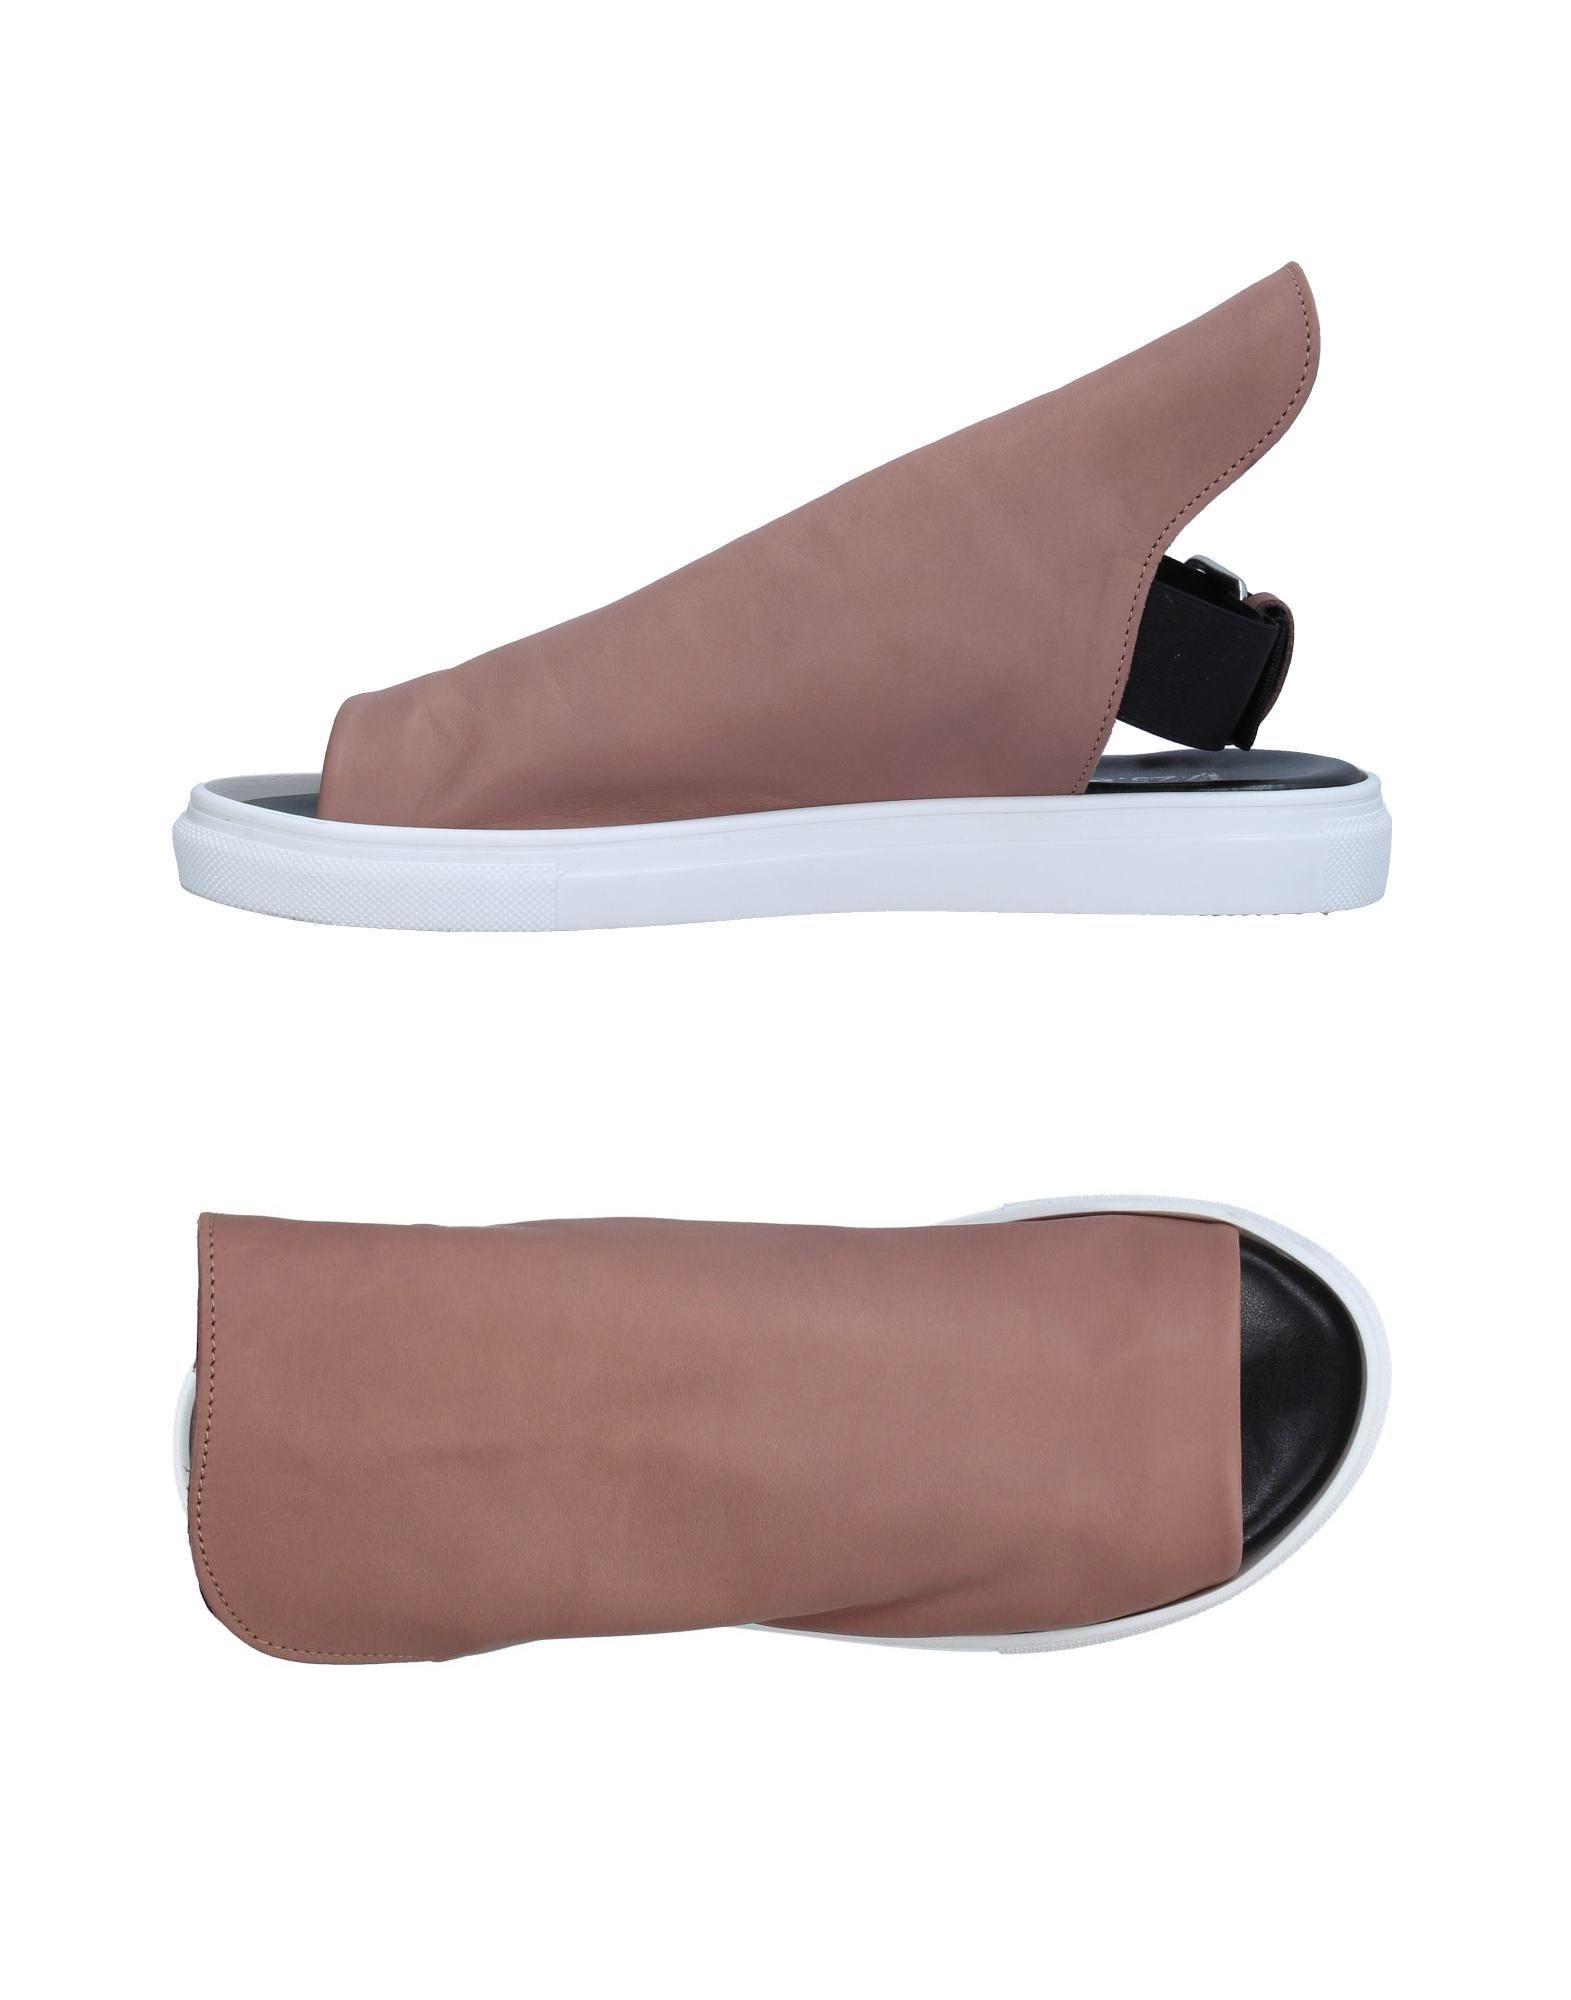 1725.A Sandalen Damen  11332634GF Gute Qualität beliebte Schuhe